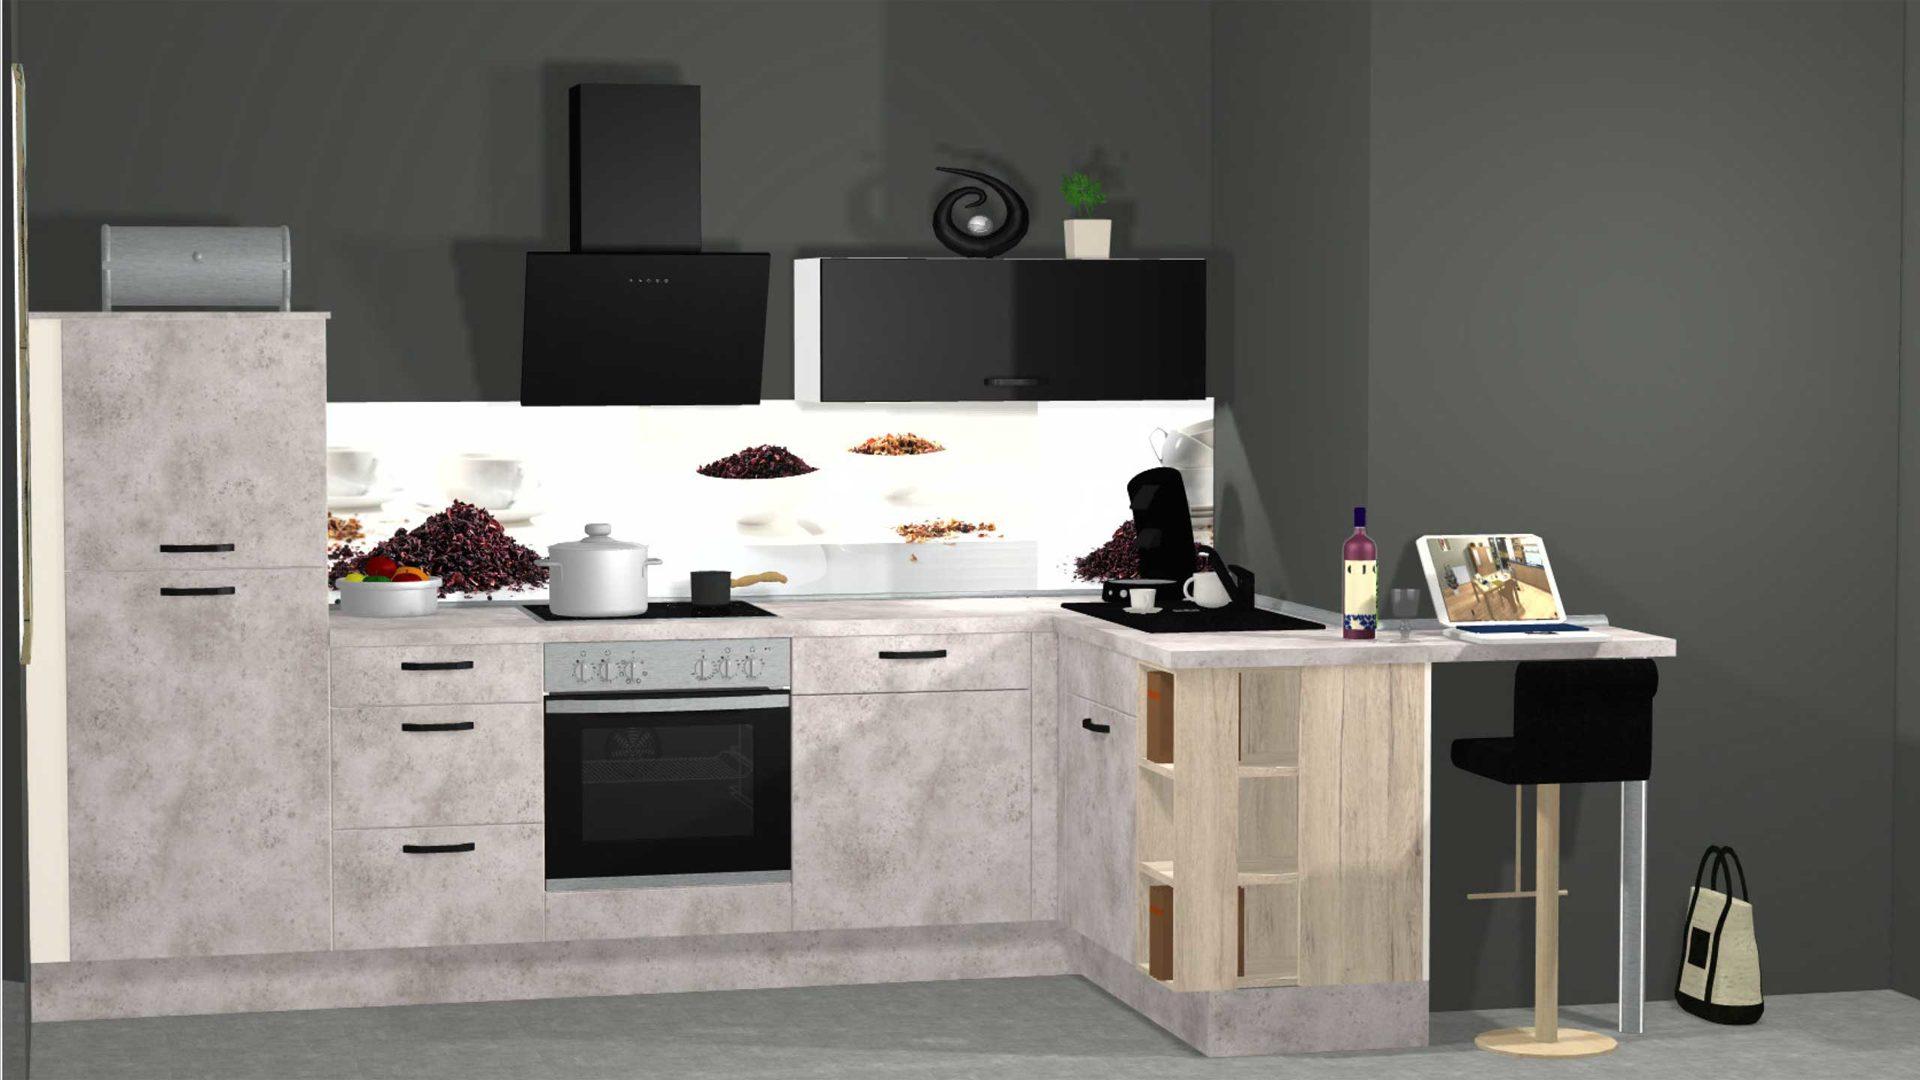 Hochwertige, moderne nobilia Küche mit Schräghaube und Nischenrückwand,  Keramikgraue nobilia Einbauküche Speed inkl. Privile